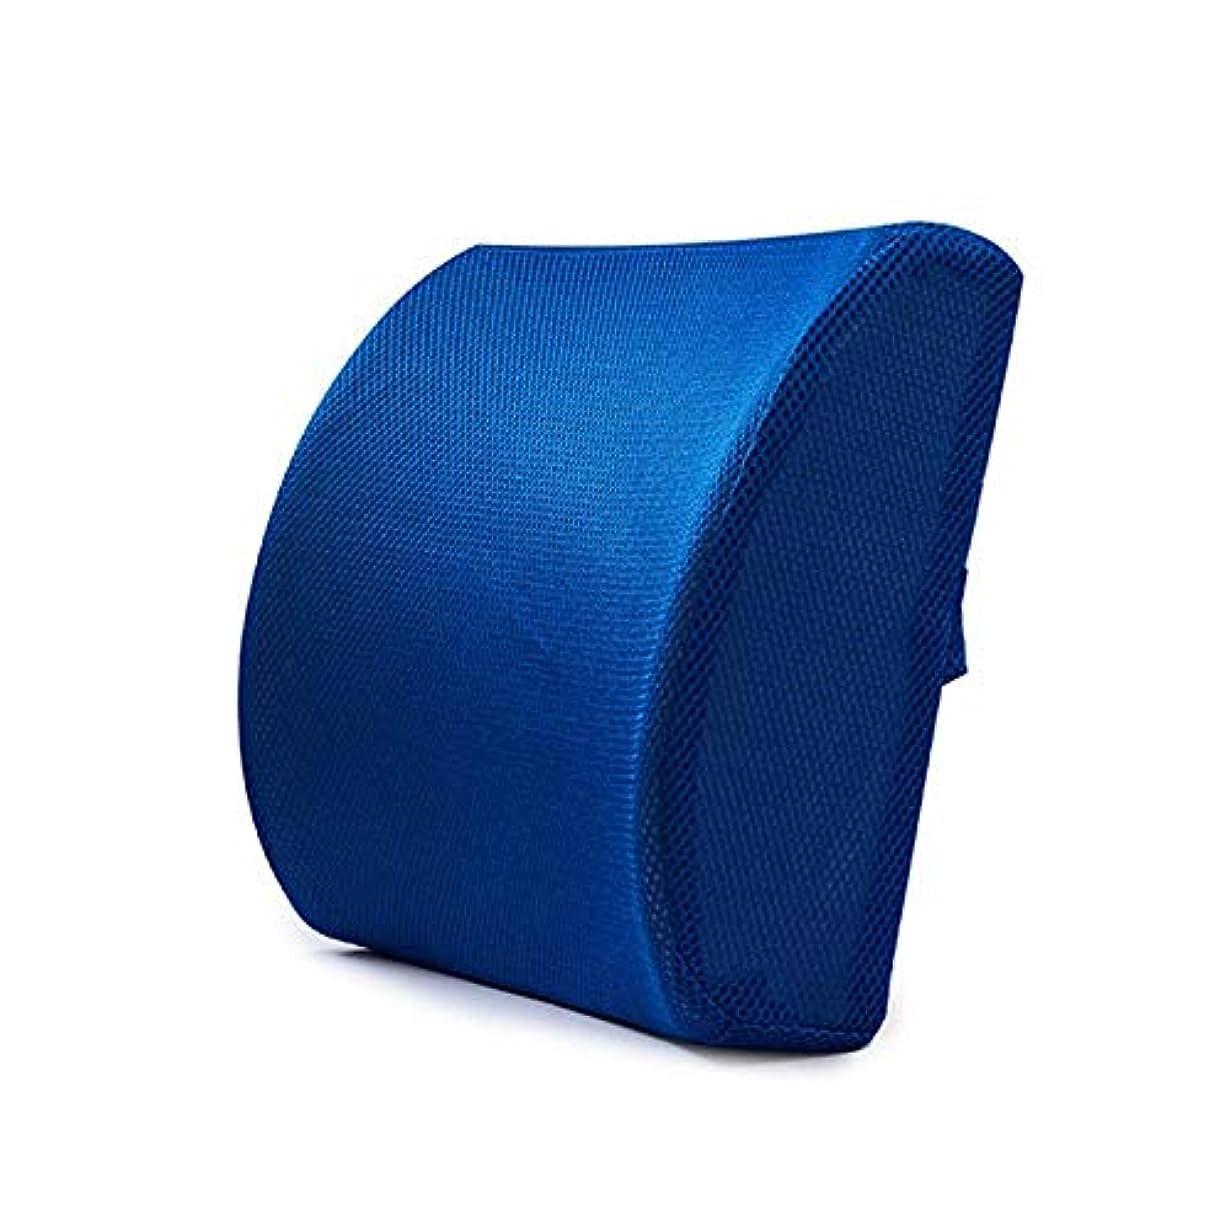 相対的虚偽ガチョウLIFE ホームオフィス背もたれ椅子腰椎クッションカーシートネック枕 3D 低反発サポートバックマッサージウエストレスリビング枕 クッション 椅子